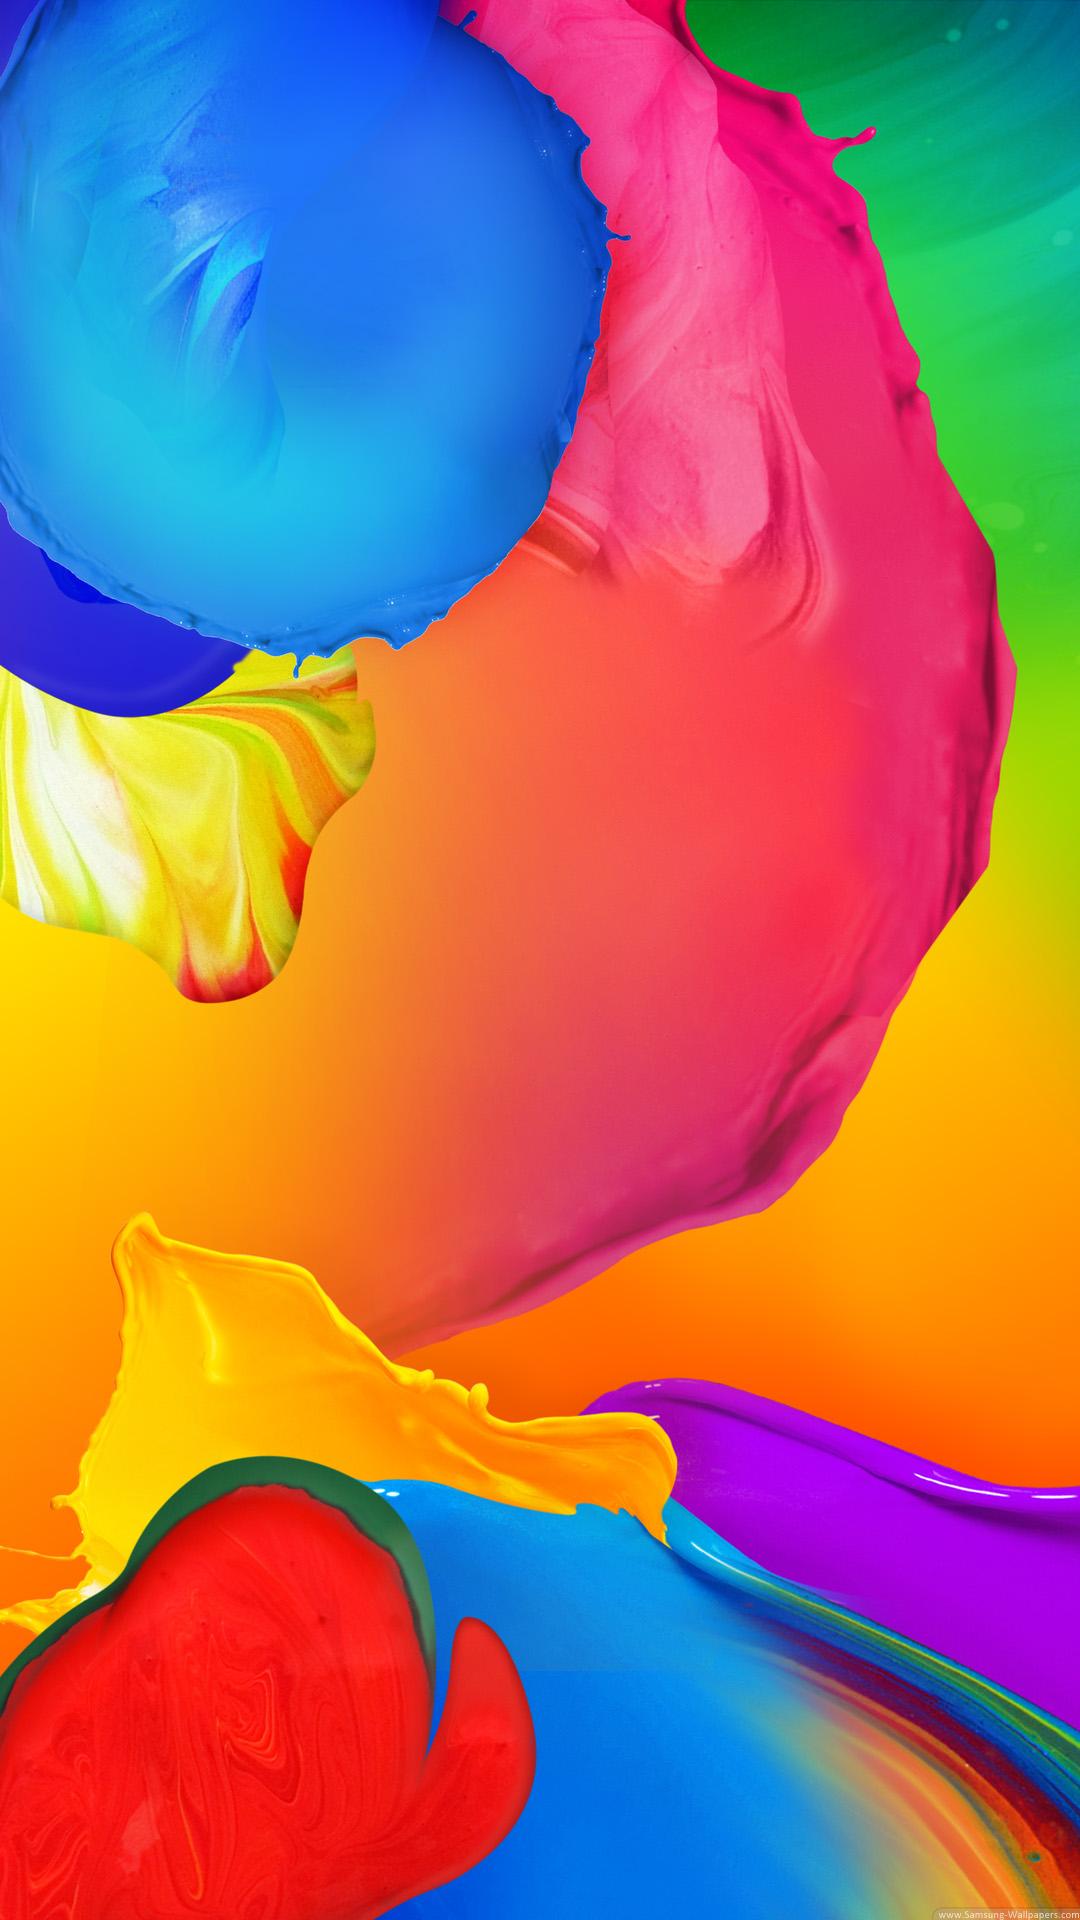 Windows Phone Space Wallpaper - WallpaperSafari